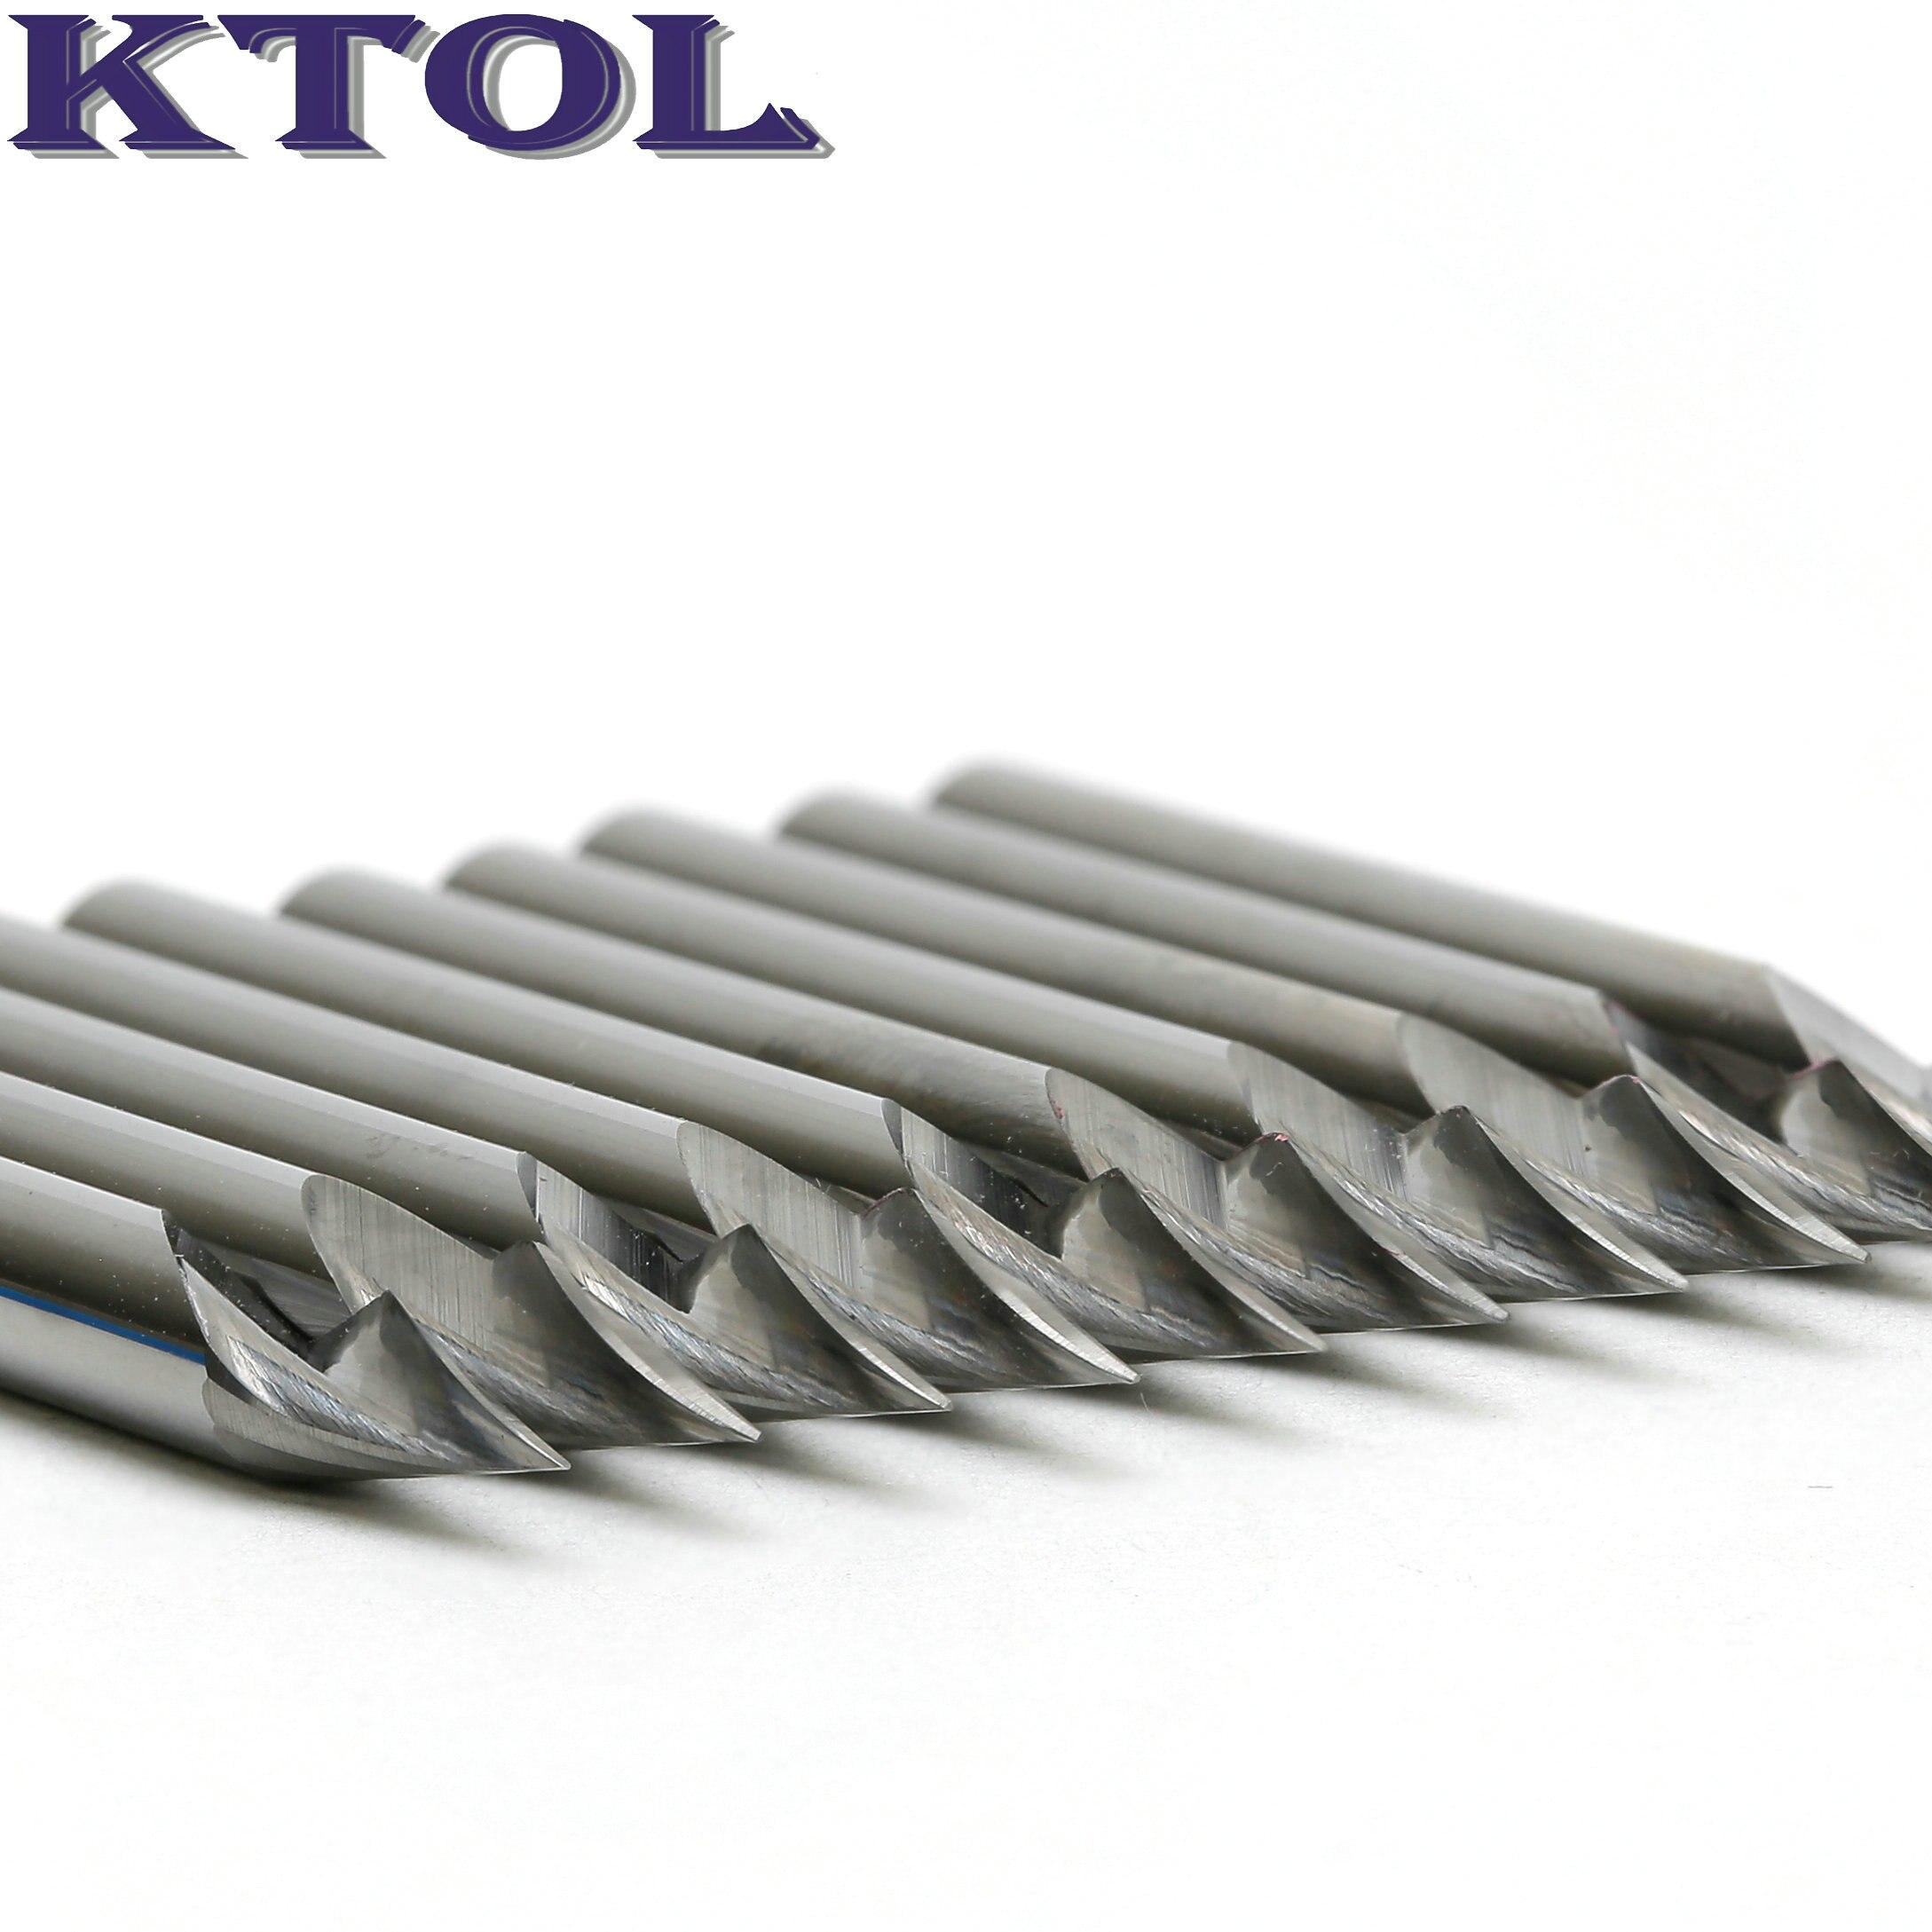 Tip0.2-0,5 мм 3,175*36 угол 1 рифленая Концевая фреза V маршрутизатор бит PCB гравировальный резак ЧПУ твердосплавный фрезерный инструмент для стали м...